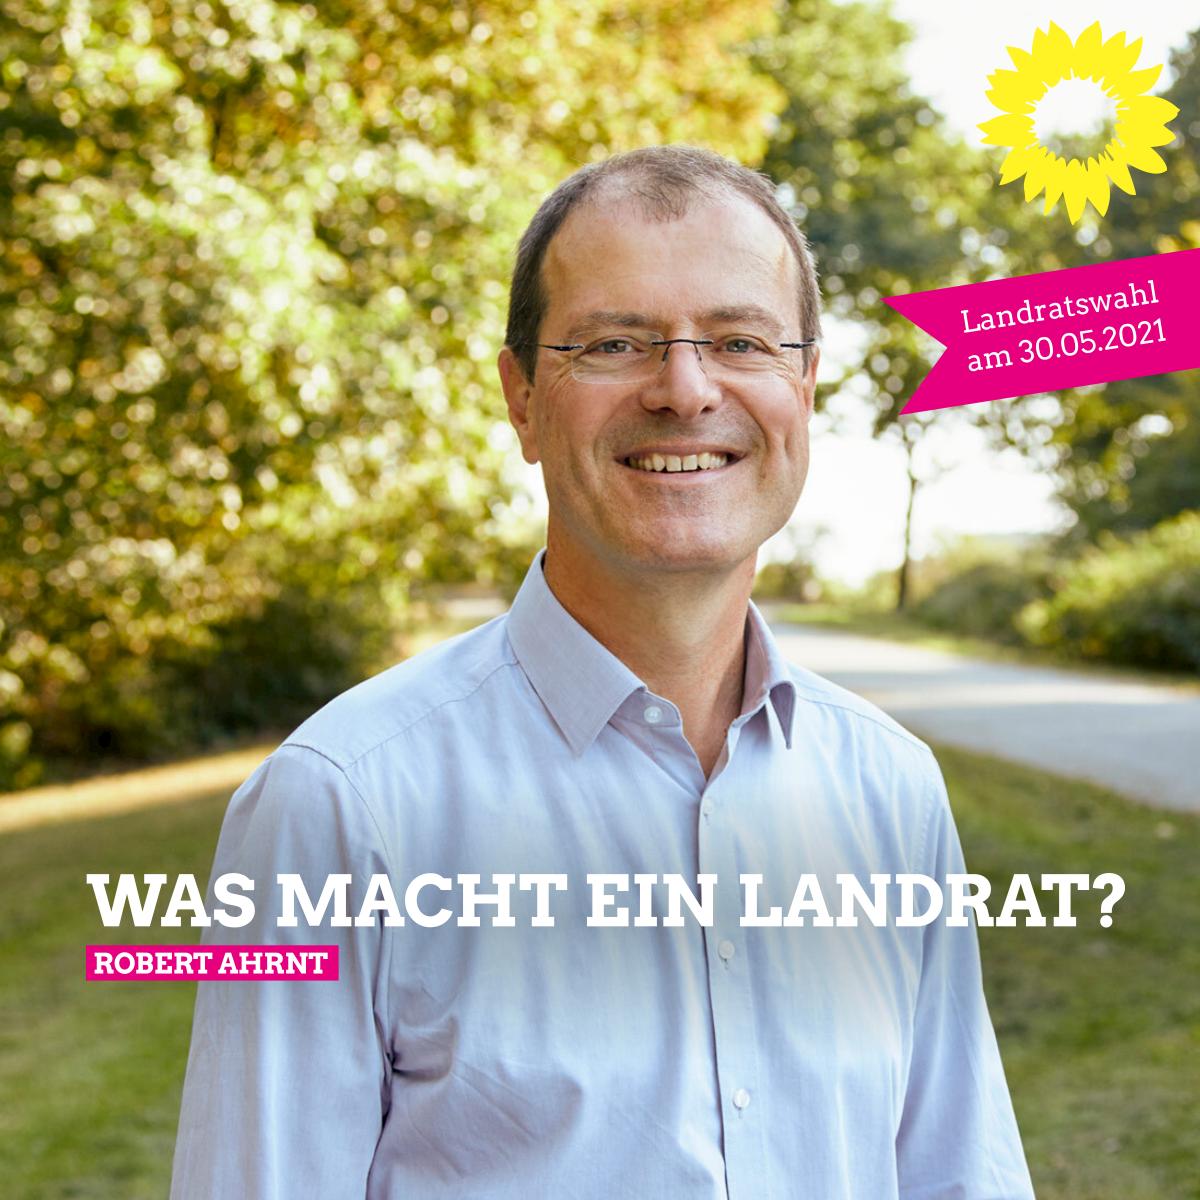 Landratskandidat Robert Ahrnt